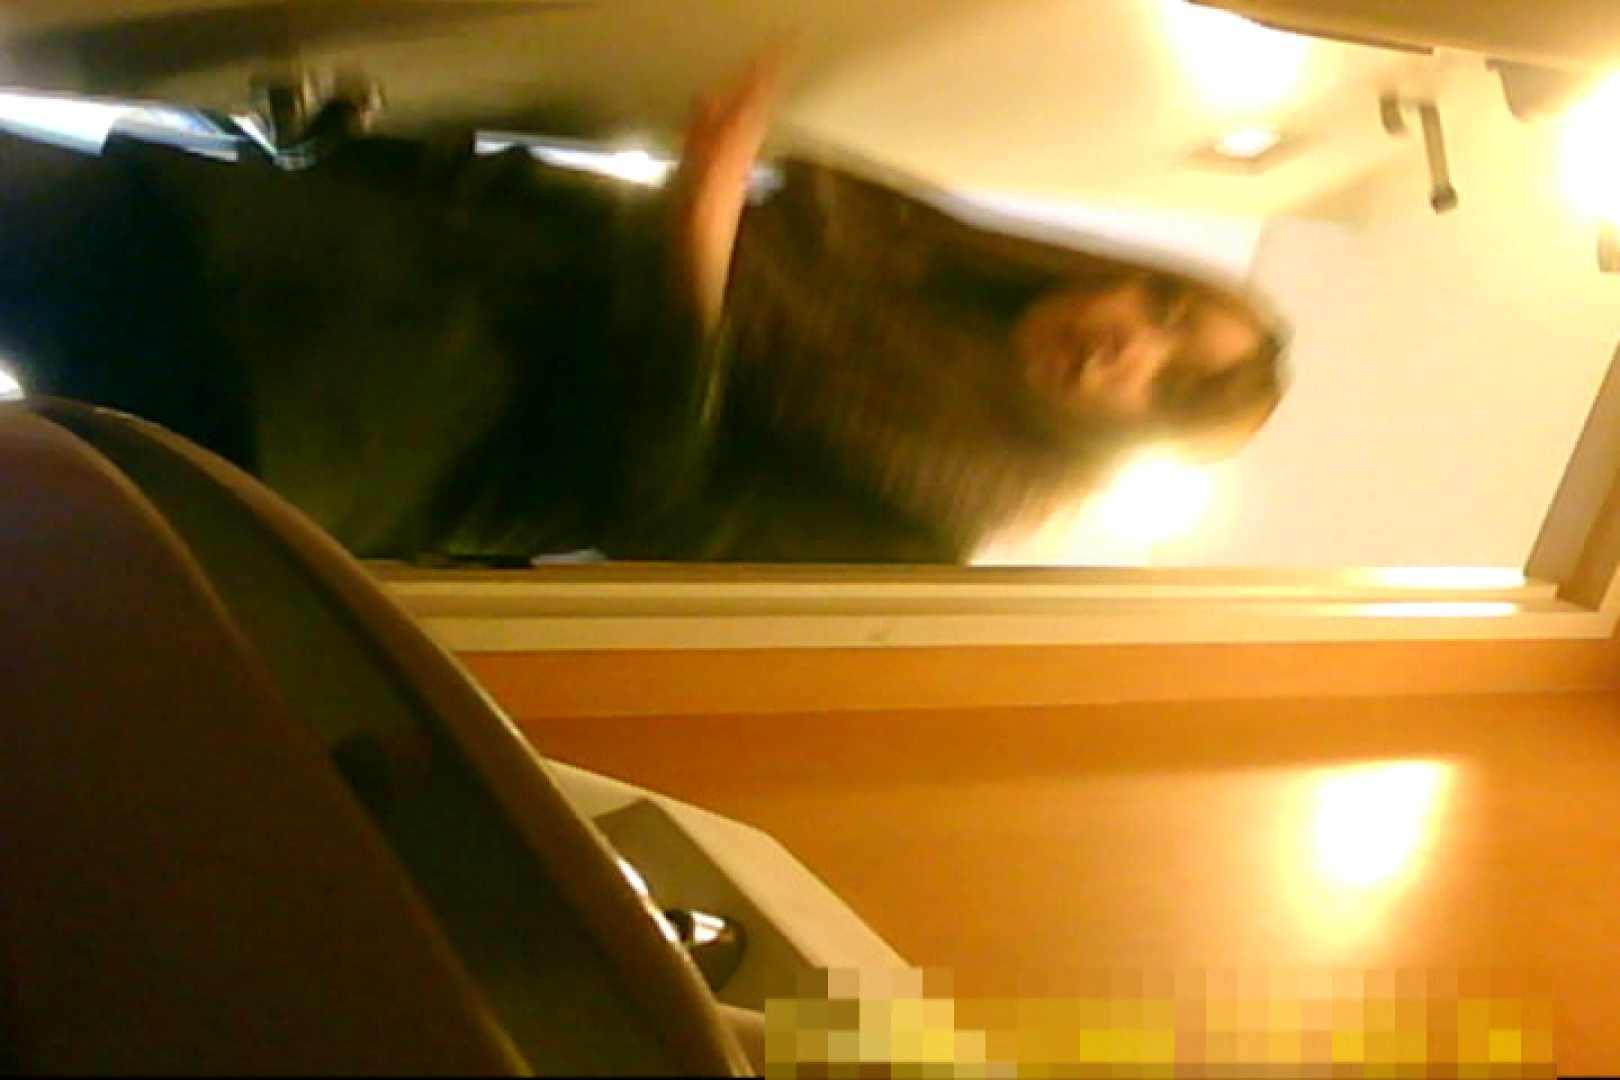 魅惑の化粧室~禁断のプライベート空間~12 盗撮 ぱこり動画紹介 97pic 86